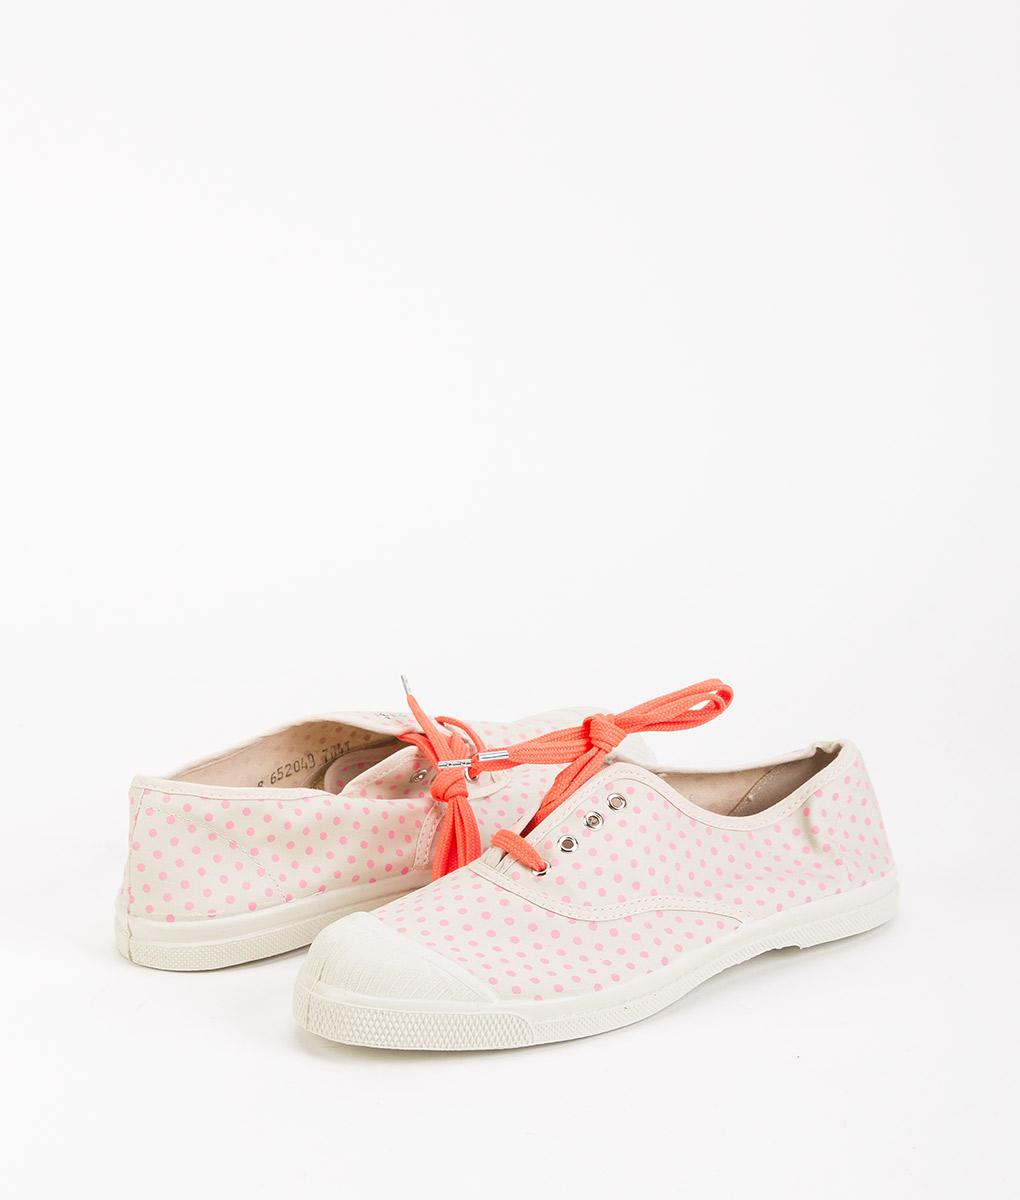 BENSIMON Women Sneakers 15004 TENNIS LACE MINIDOTS, Pink 39.99 1